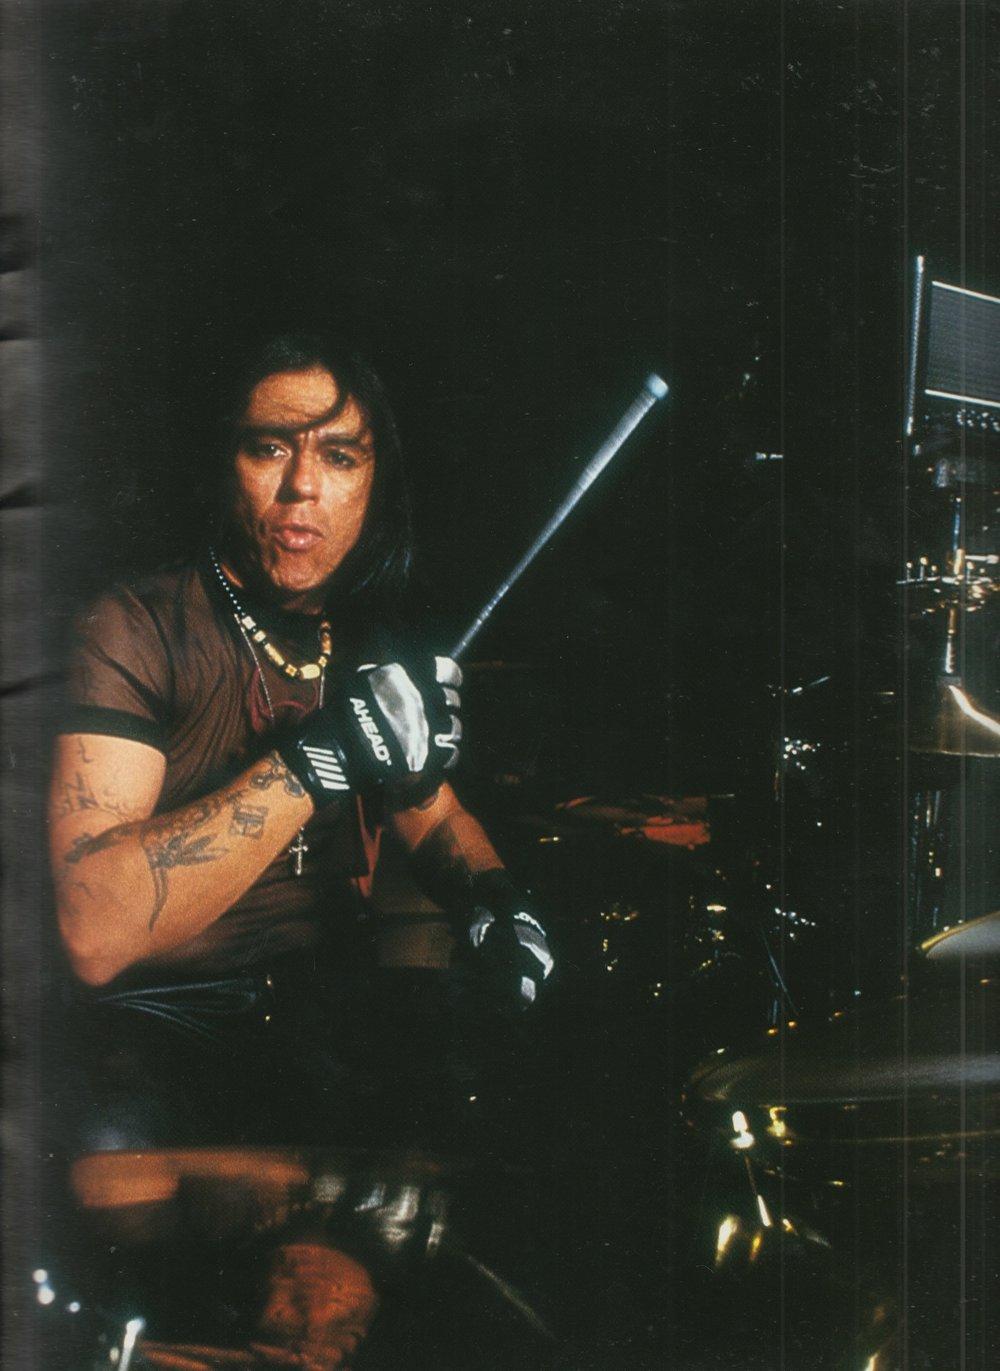 5-Randy Castillo drums.jpg